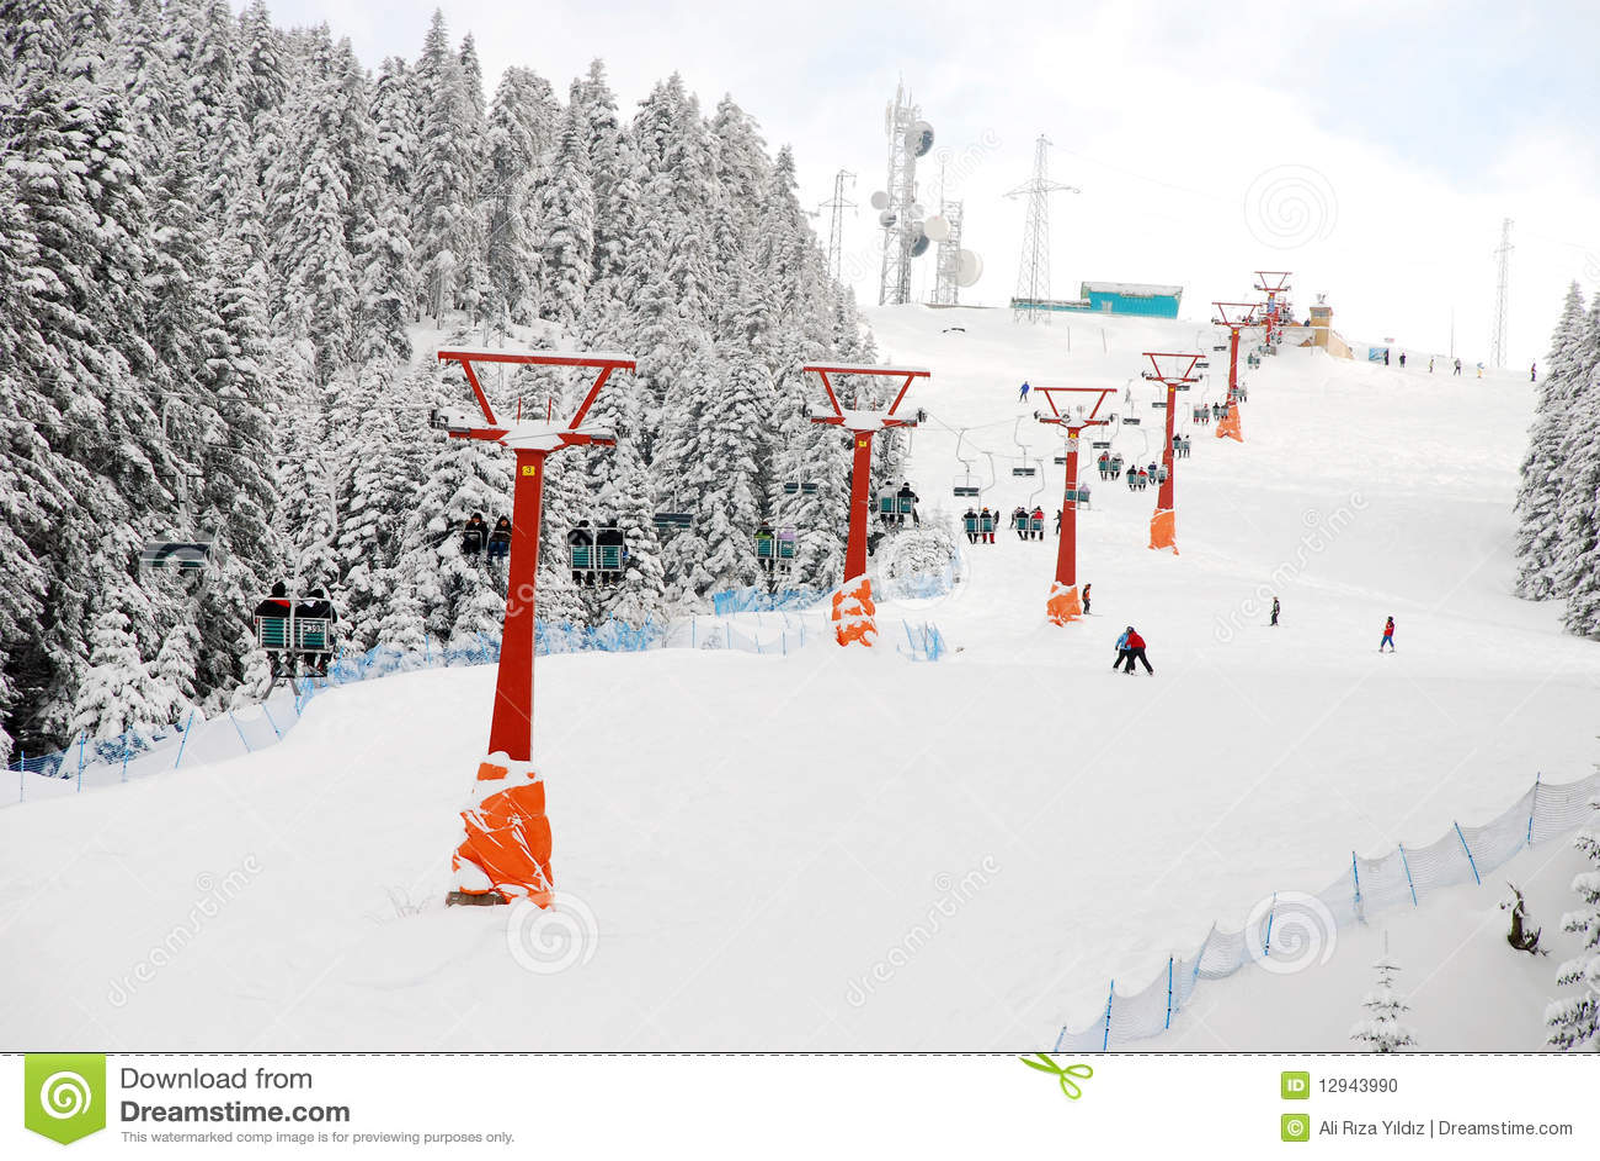 поднимите лыжу